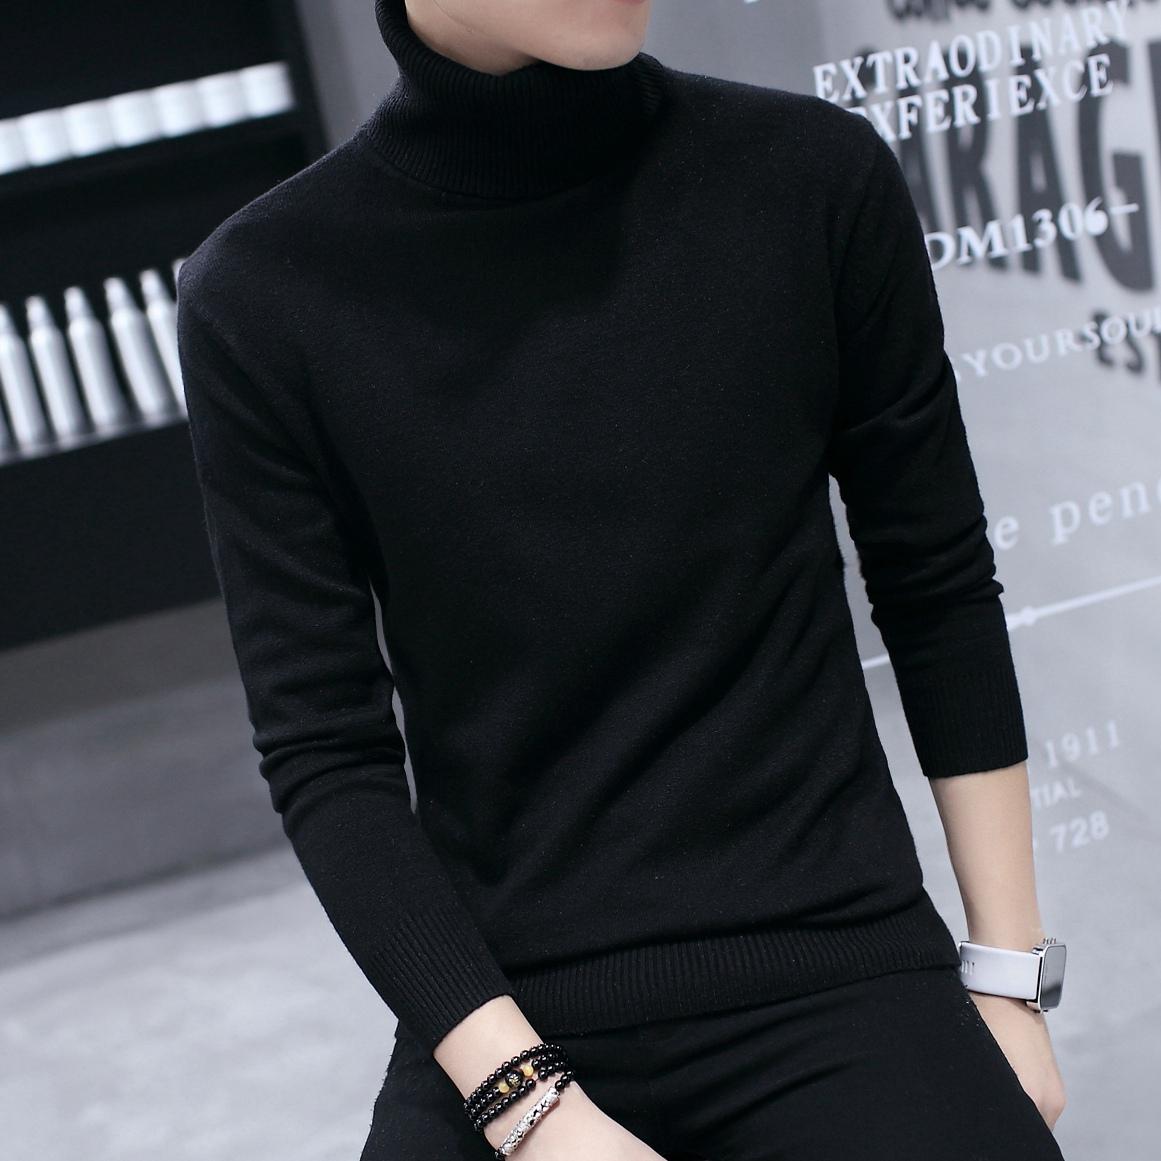 男士高领毛衣 冬季新款男士高领毛衣韩版修身加绒保暖线衣纯色加厚针织打底衫潮_推荐淘宝好看的男高领毛衣